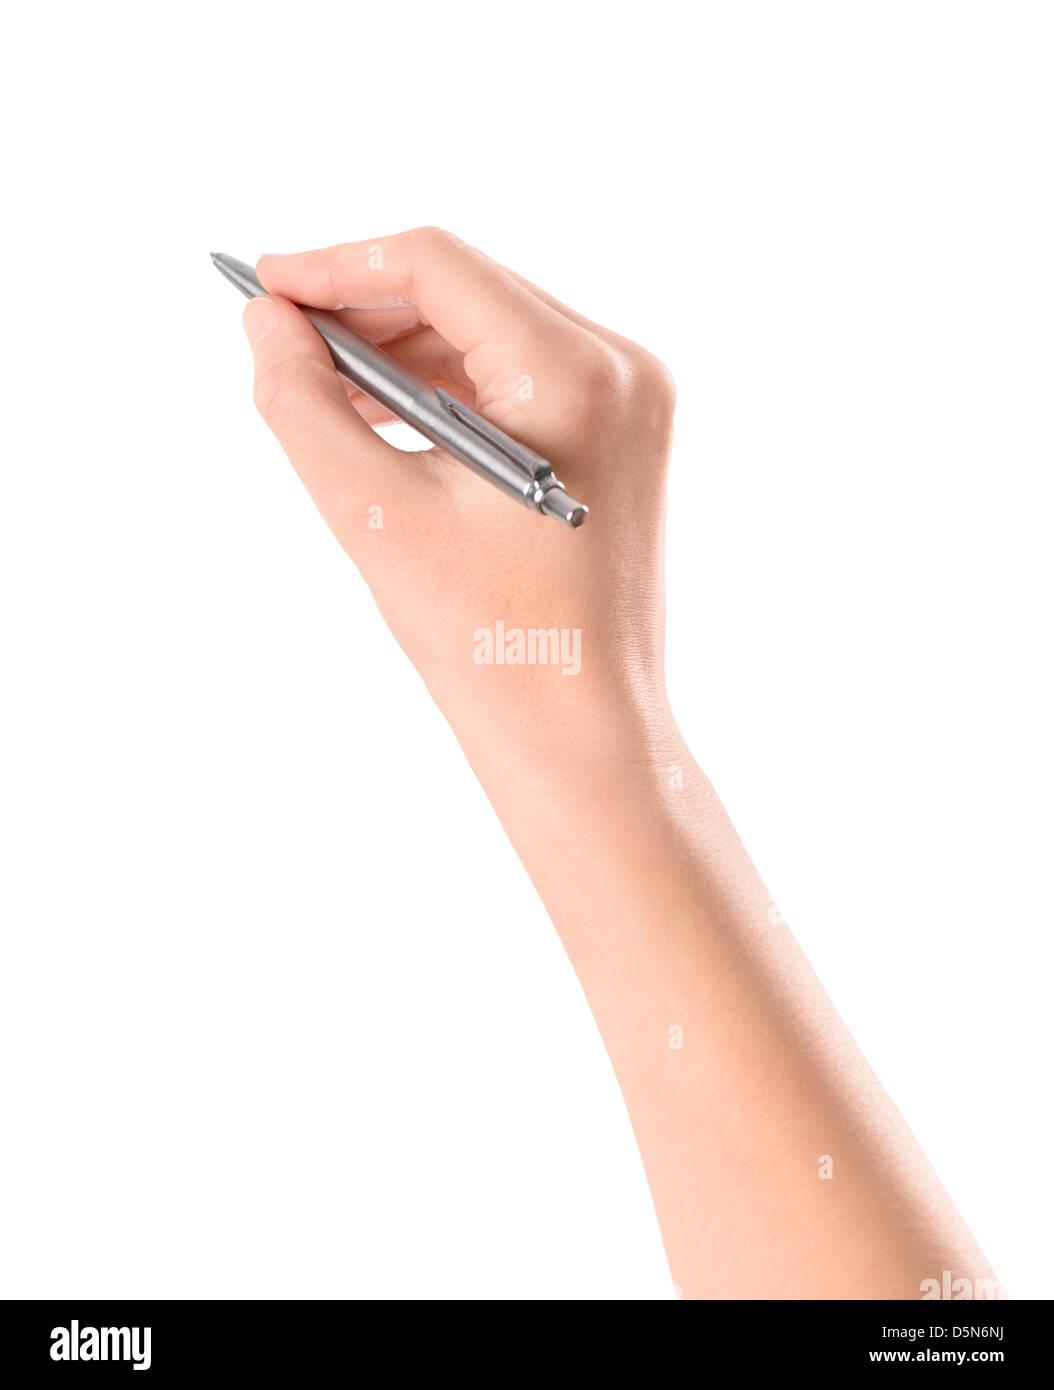 Cerca del brazo de la mujer escribiendo con bolígrafo metálico. Aislado sobre fondo blanco. Imagen De Stock